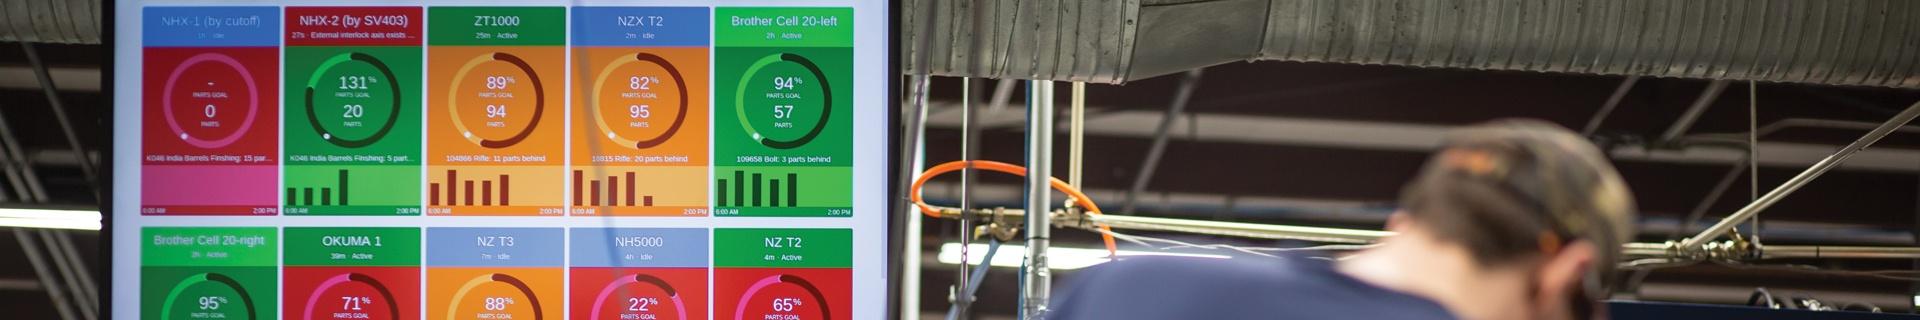 Metal Stamping & Fabrication Machine Monitoring | MachineMetrics